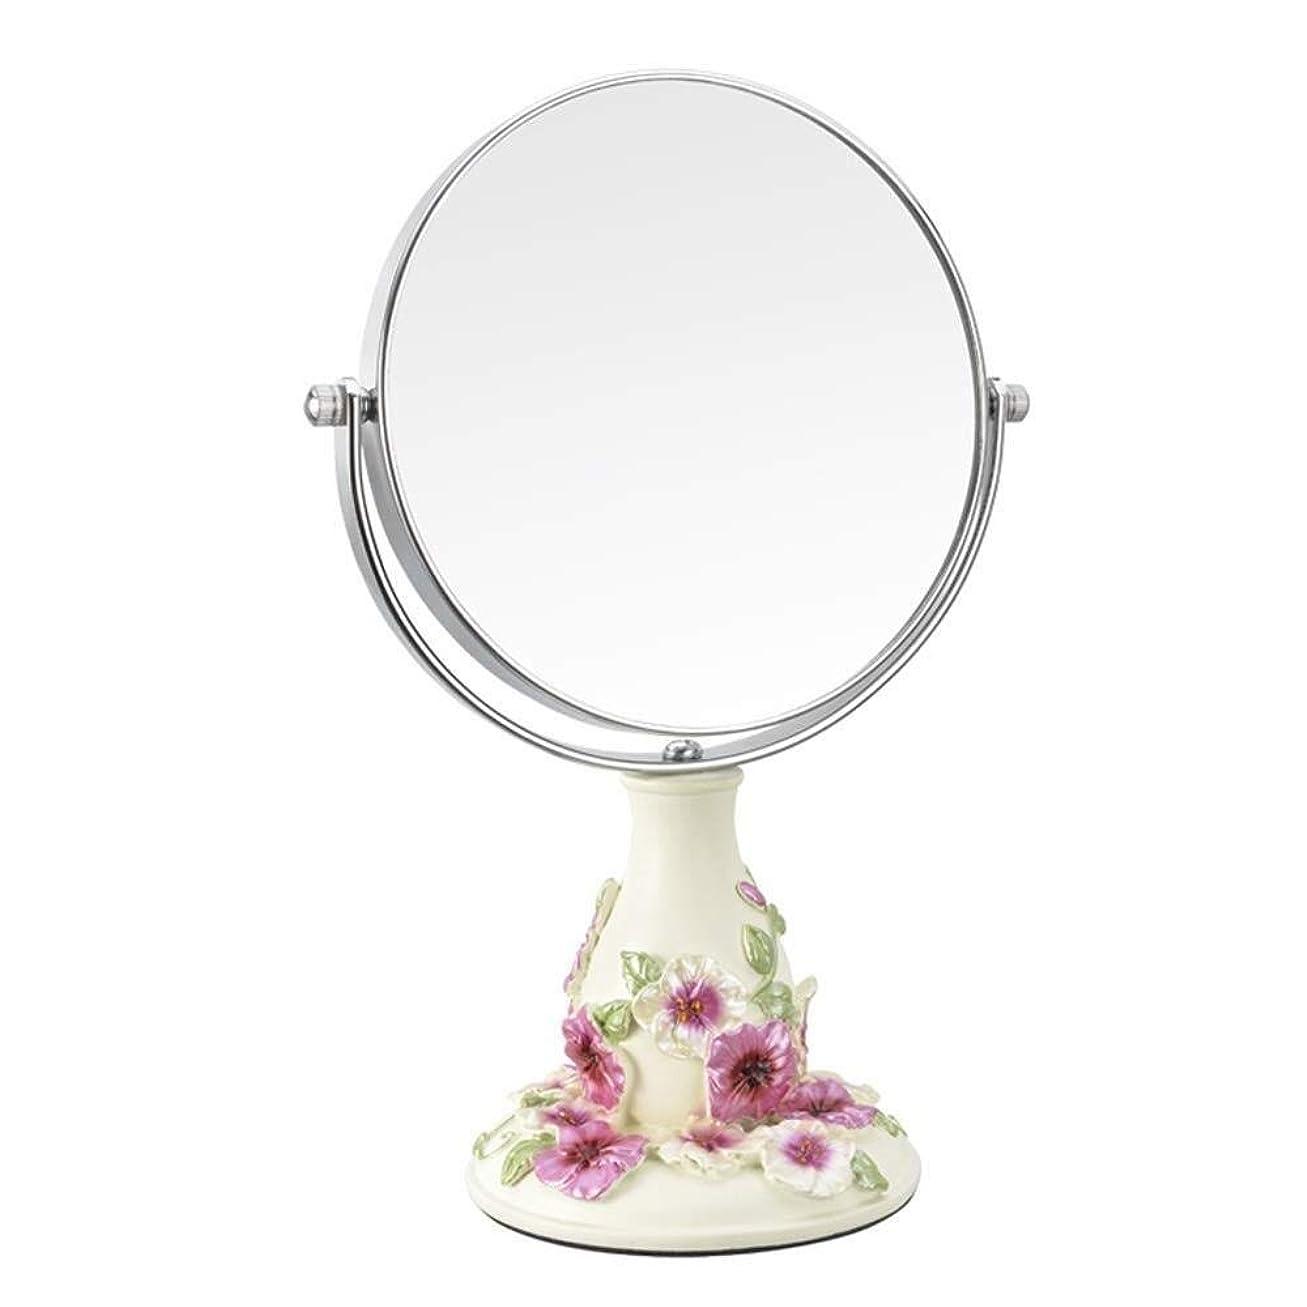 サスペンドネコ翻訳者流行の ビンテージ化粧鏡、鏡360°回転スタンド、1倍と3倍の倍率、ラウンドダブル両面回転化粧鏡